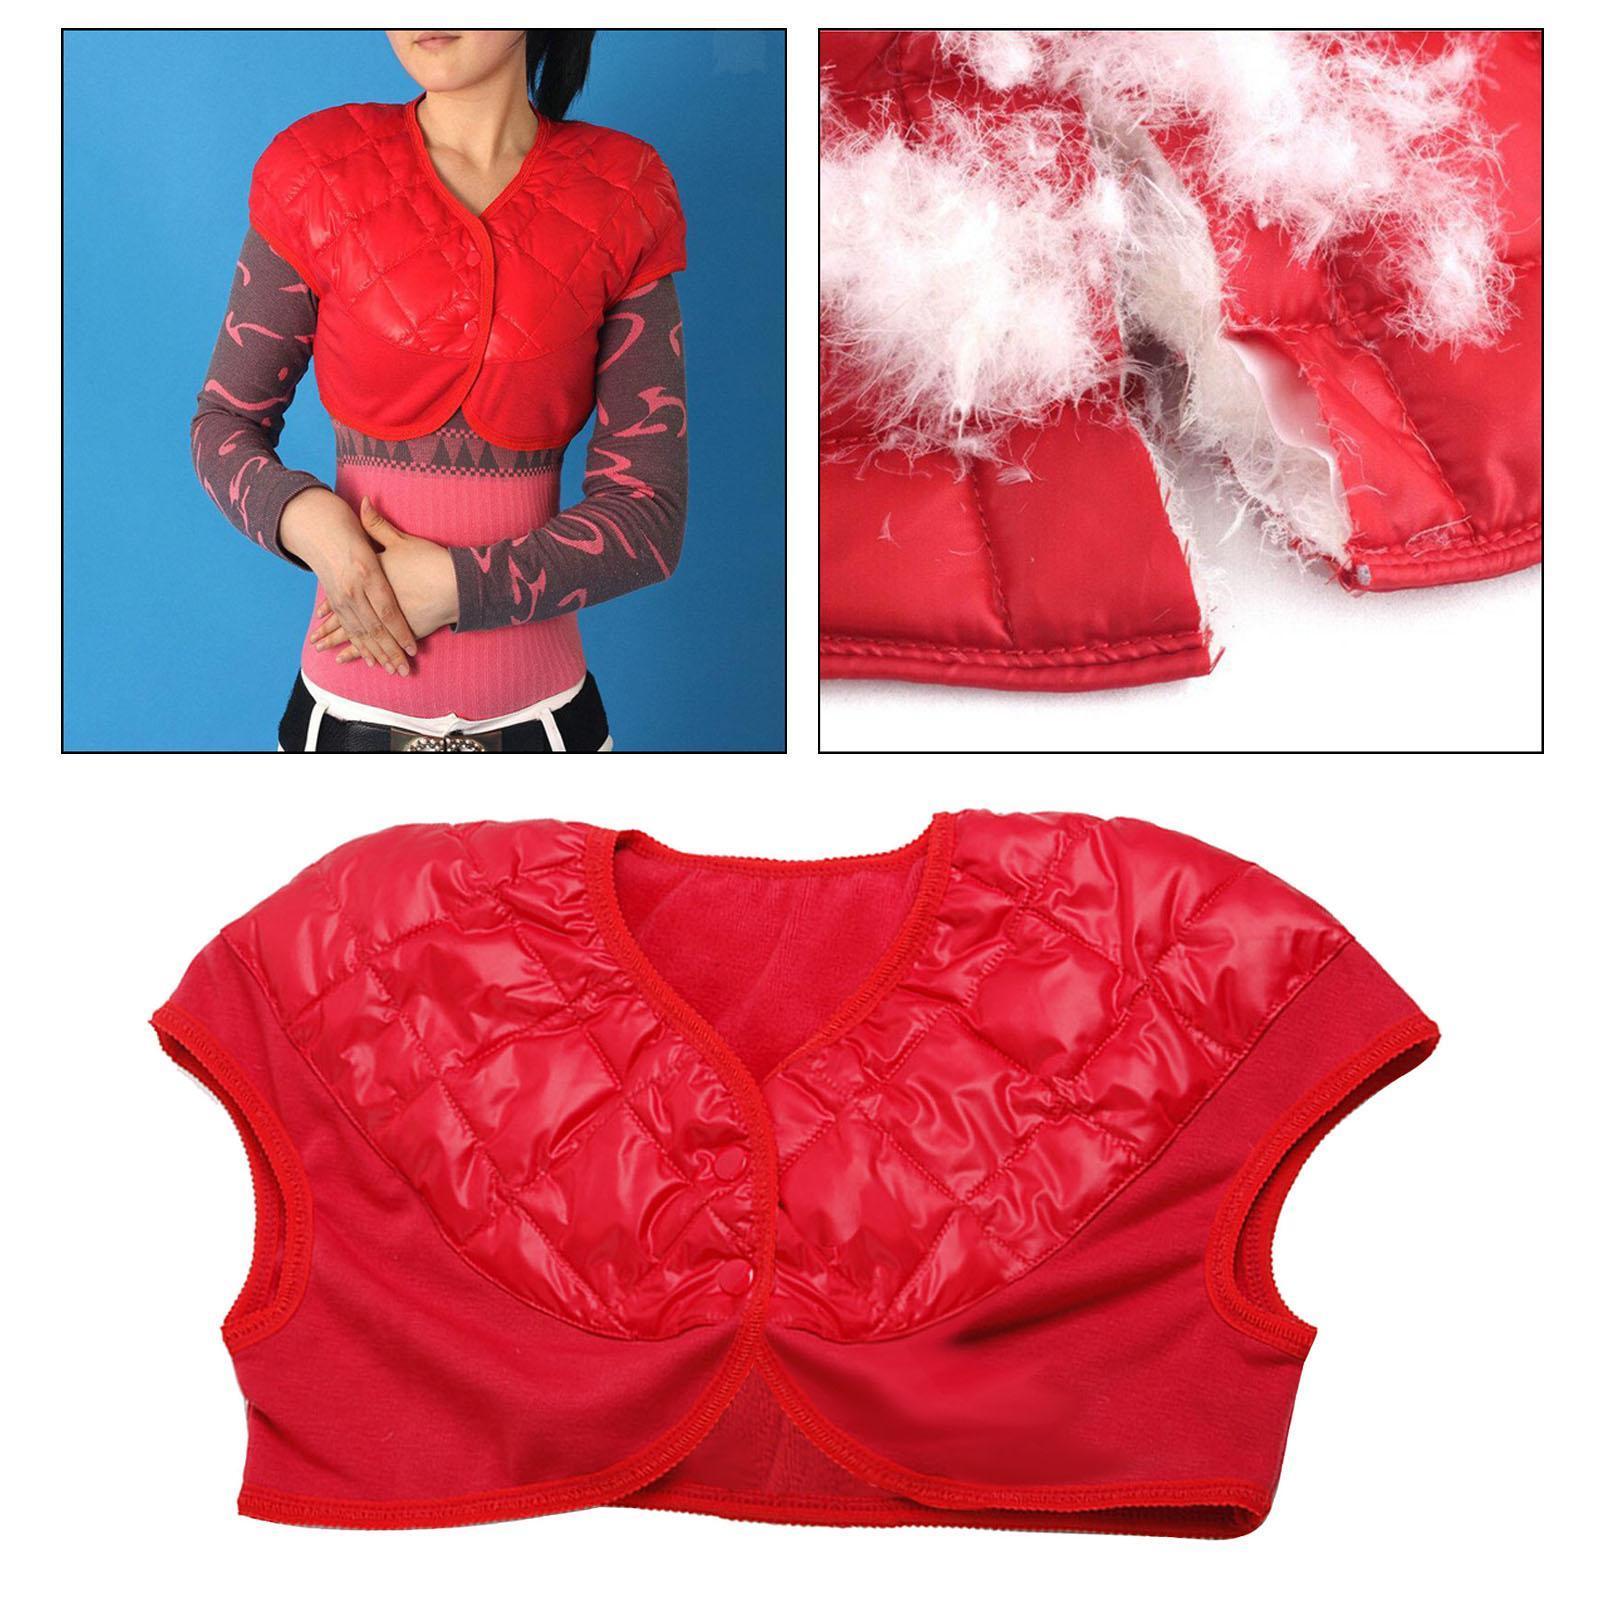 Femmes-Hommes-Down-Jacket-Chaud-Manteau-Court-Epaule-Chaud-Thermique-Wrap miniatura 48